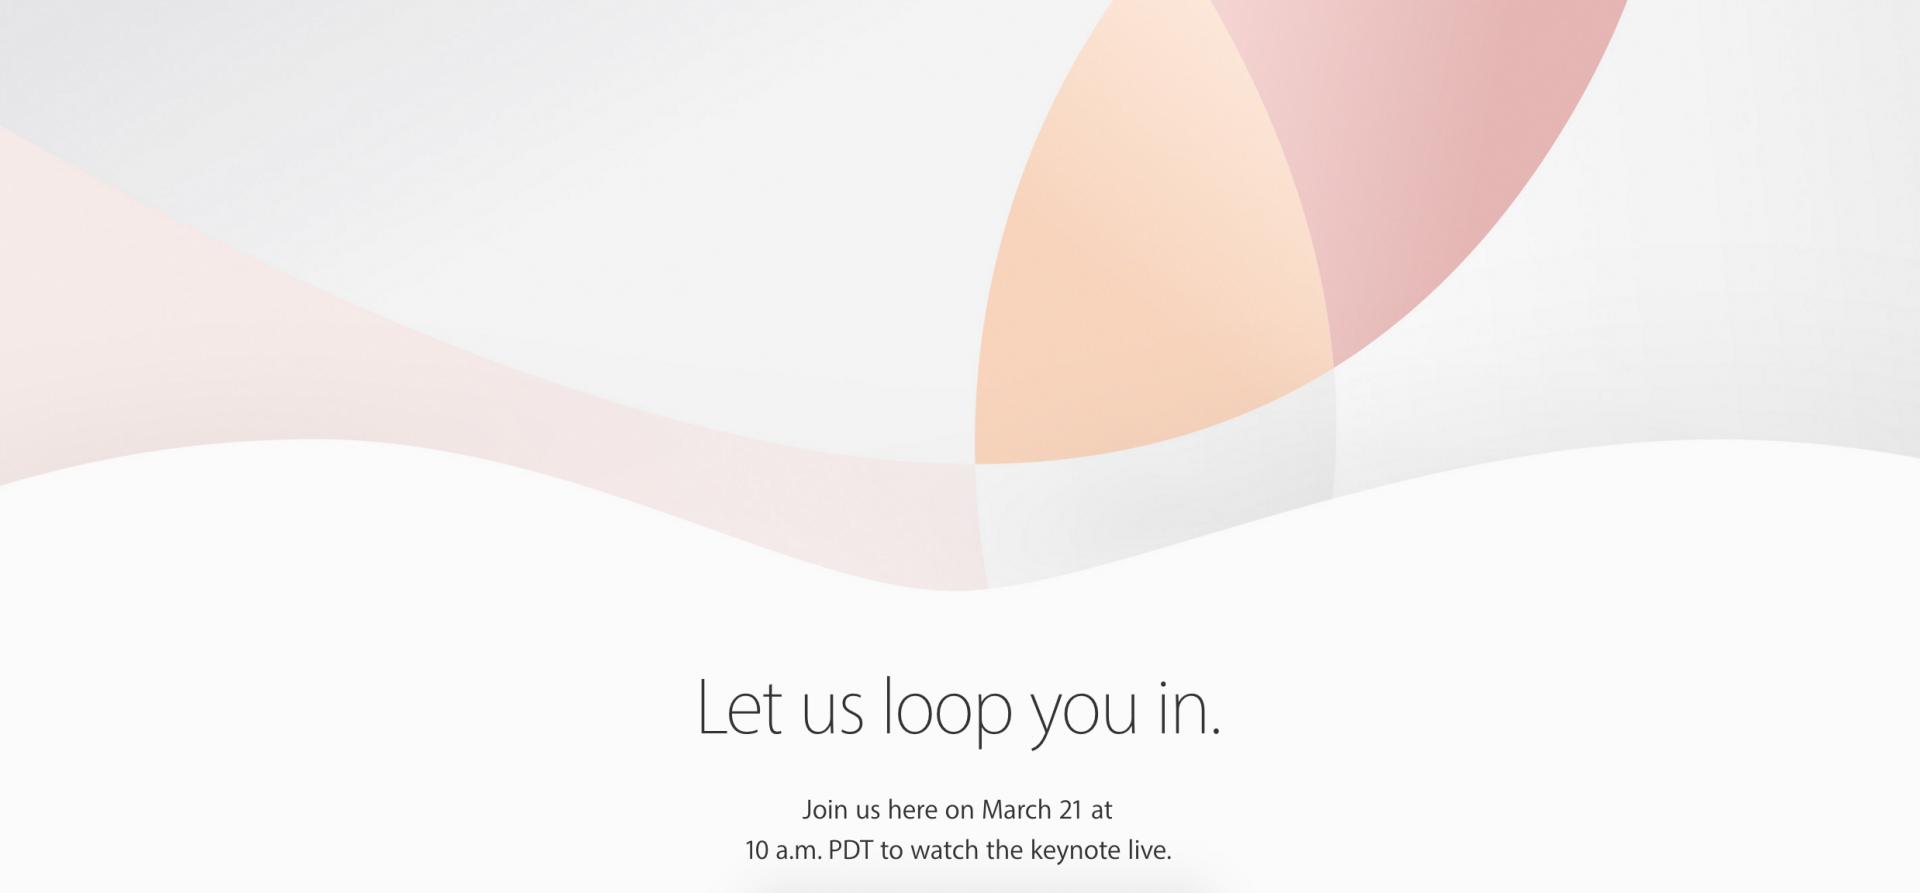 loop-you-in